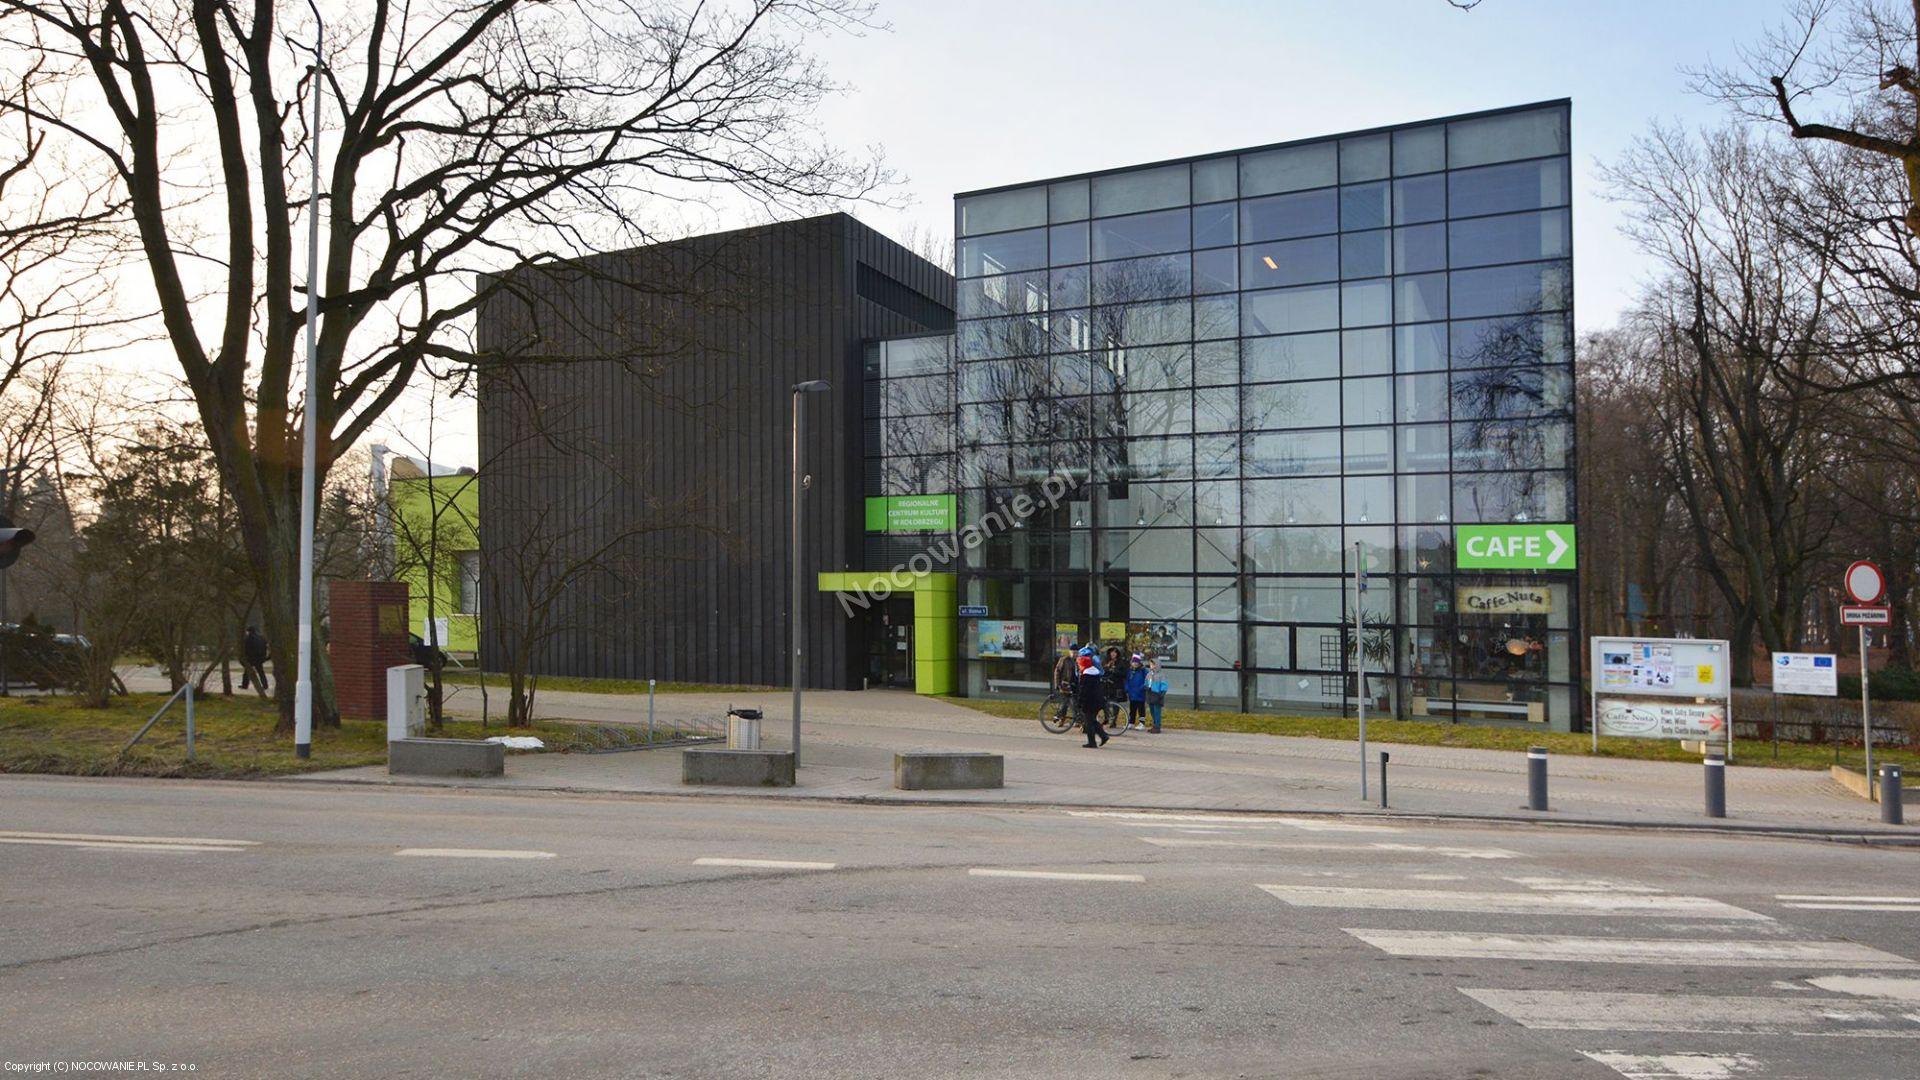 bfb7fa84 Regionalne Centrum Kultury im. Zbigniewa Herberta Kołobrzeg, godziny ...